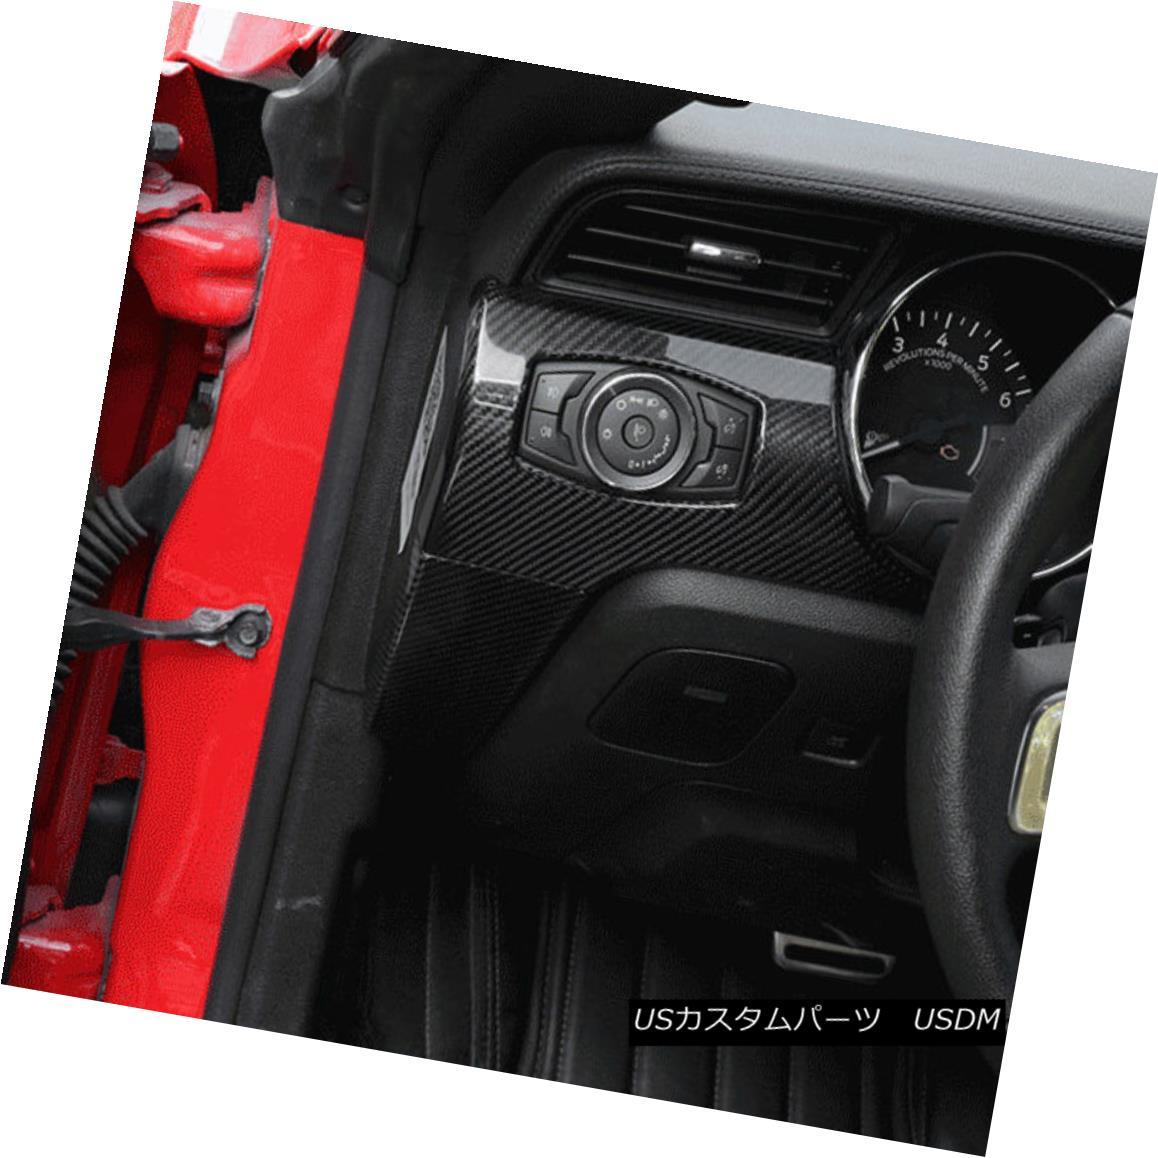 エアロパーツ For Ford 2015-2017 Carbon Fiber Dash Trim Cover Driver Side LHD Mustang フォード2015-2017カーボンファイバーダッシュトリムカバードライバーサイドLHDムスタング